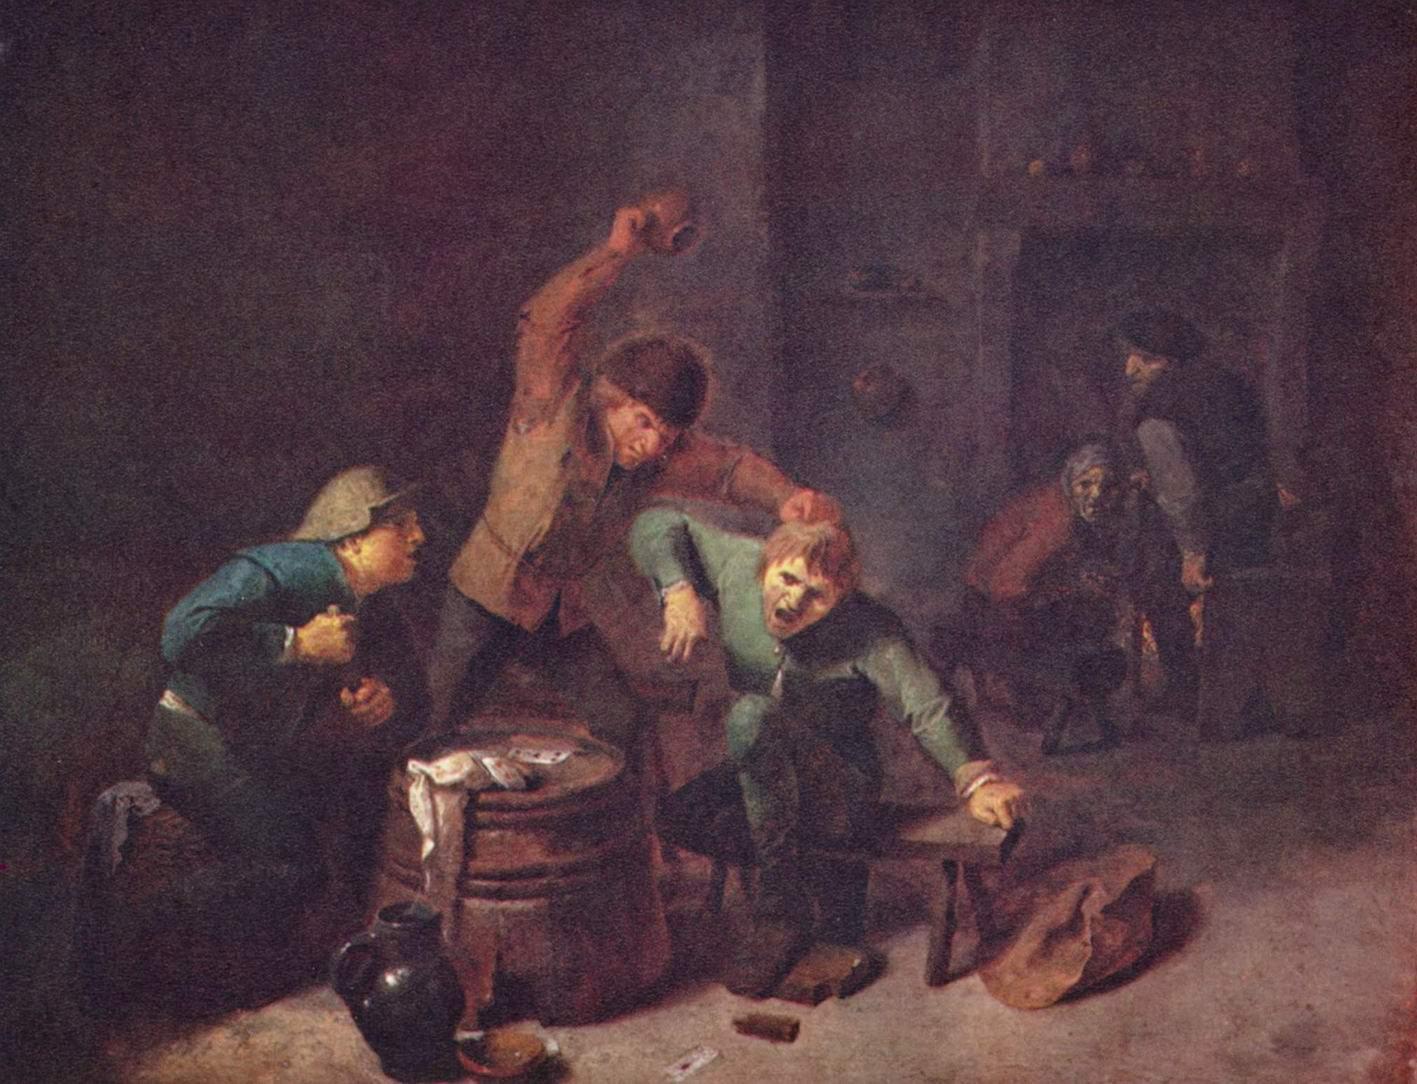 Драка крестьян за карточной игрой, Браувер Адриан